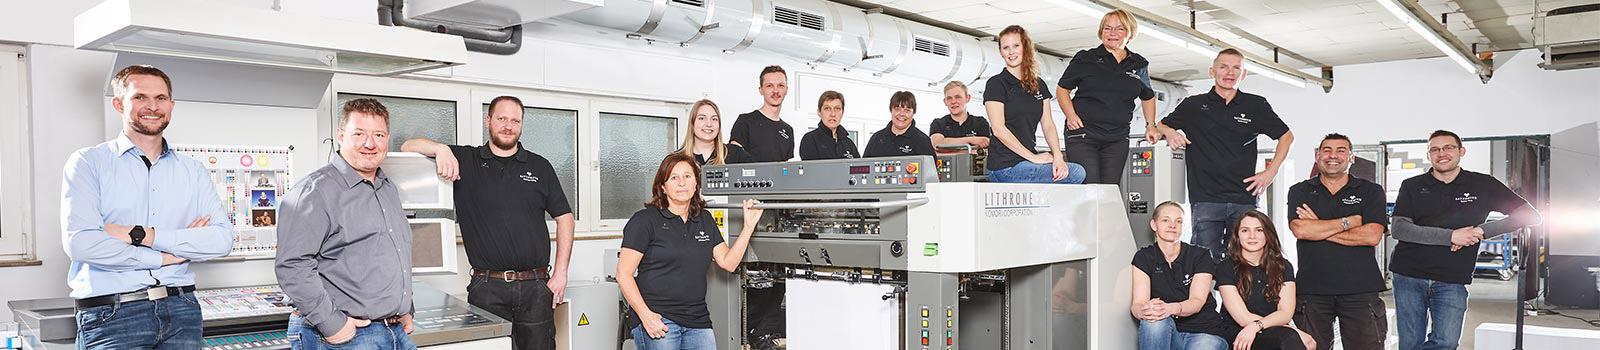 Die regionale Druckerei im Münsterland - Satzdruck GmbH aus Coesfeld